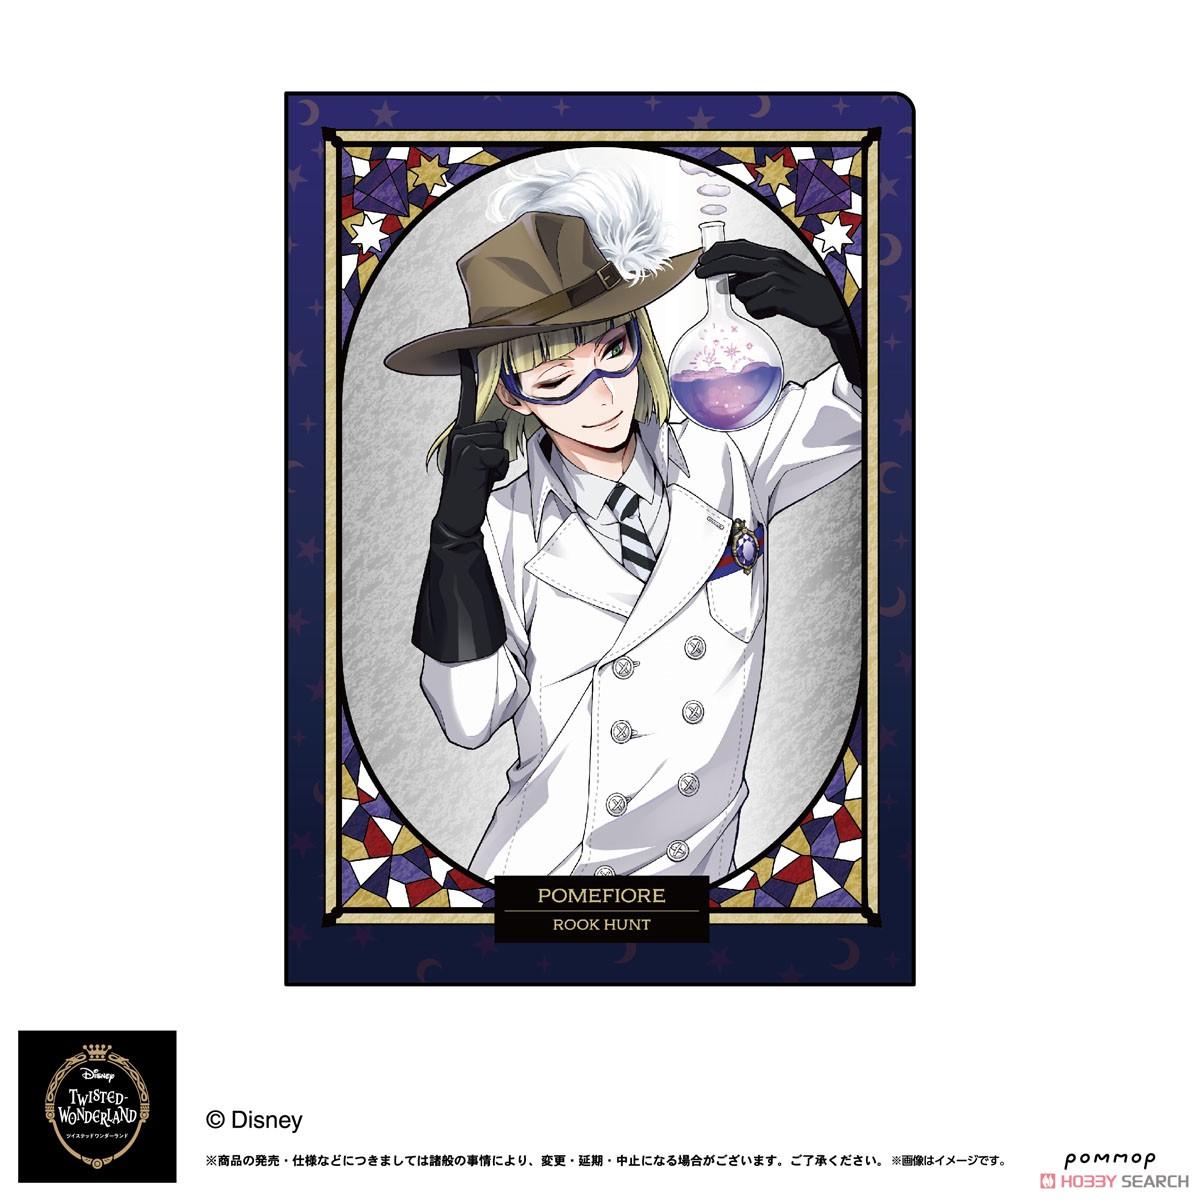 ディズニー ツイステッドワンダーランド『A5ダブルクリアファイルコレクション A』11個入りBOX-012